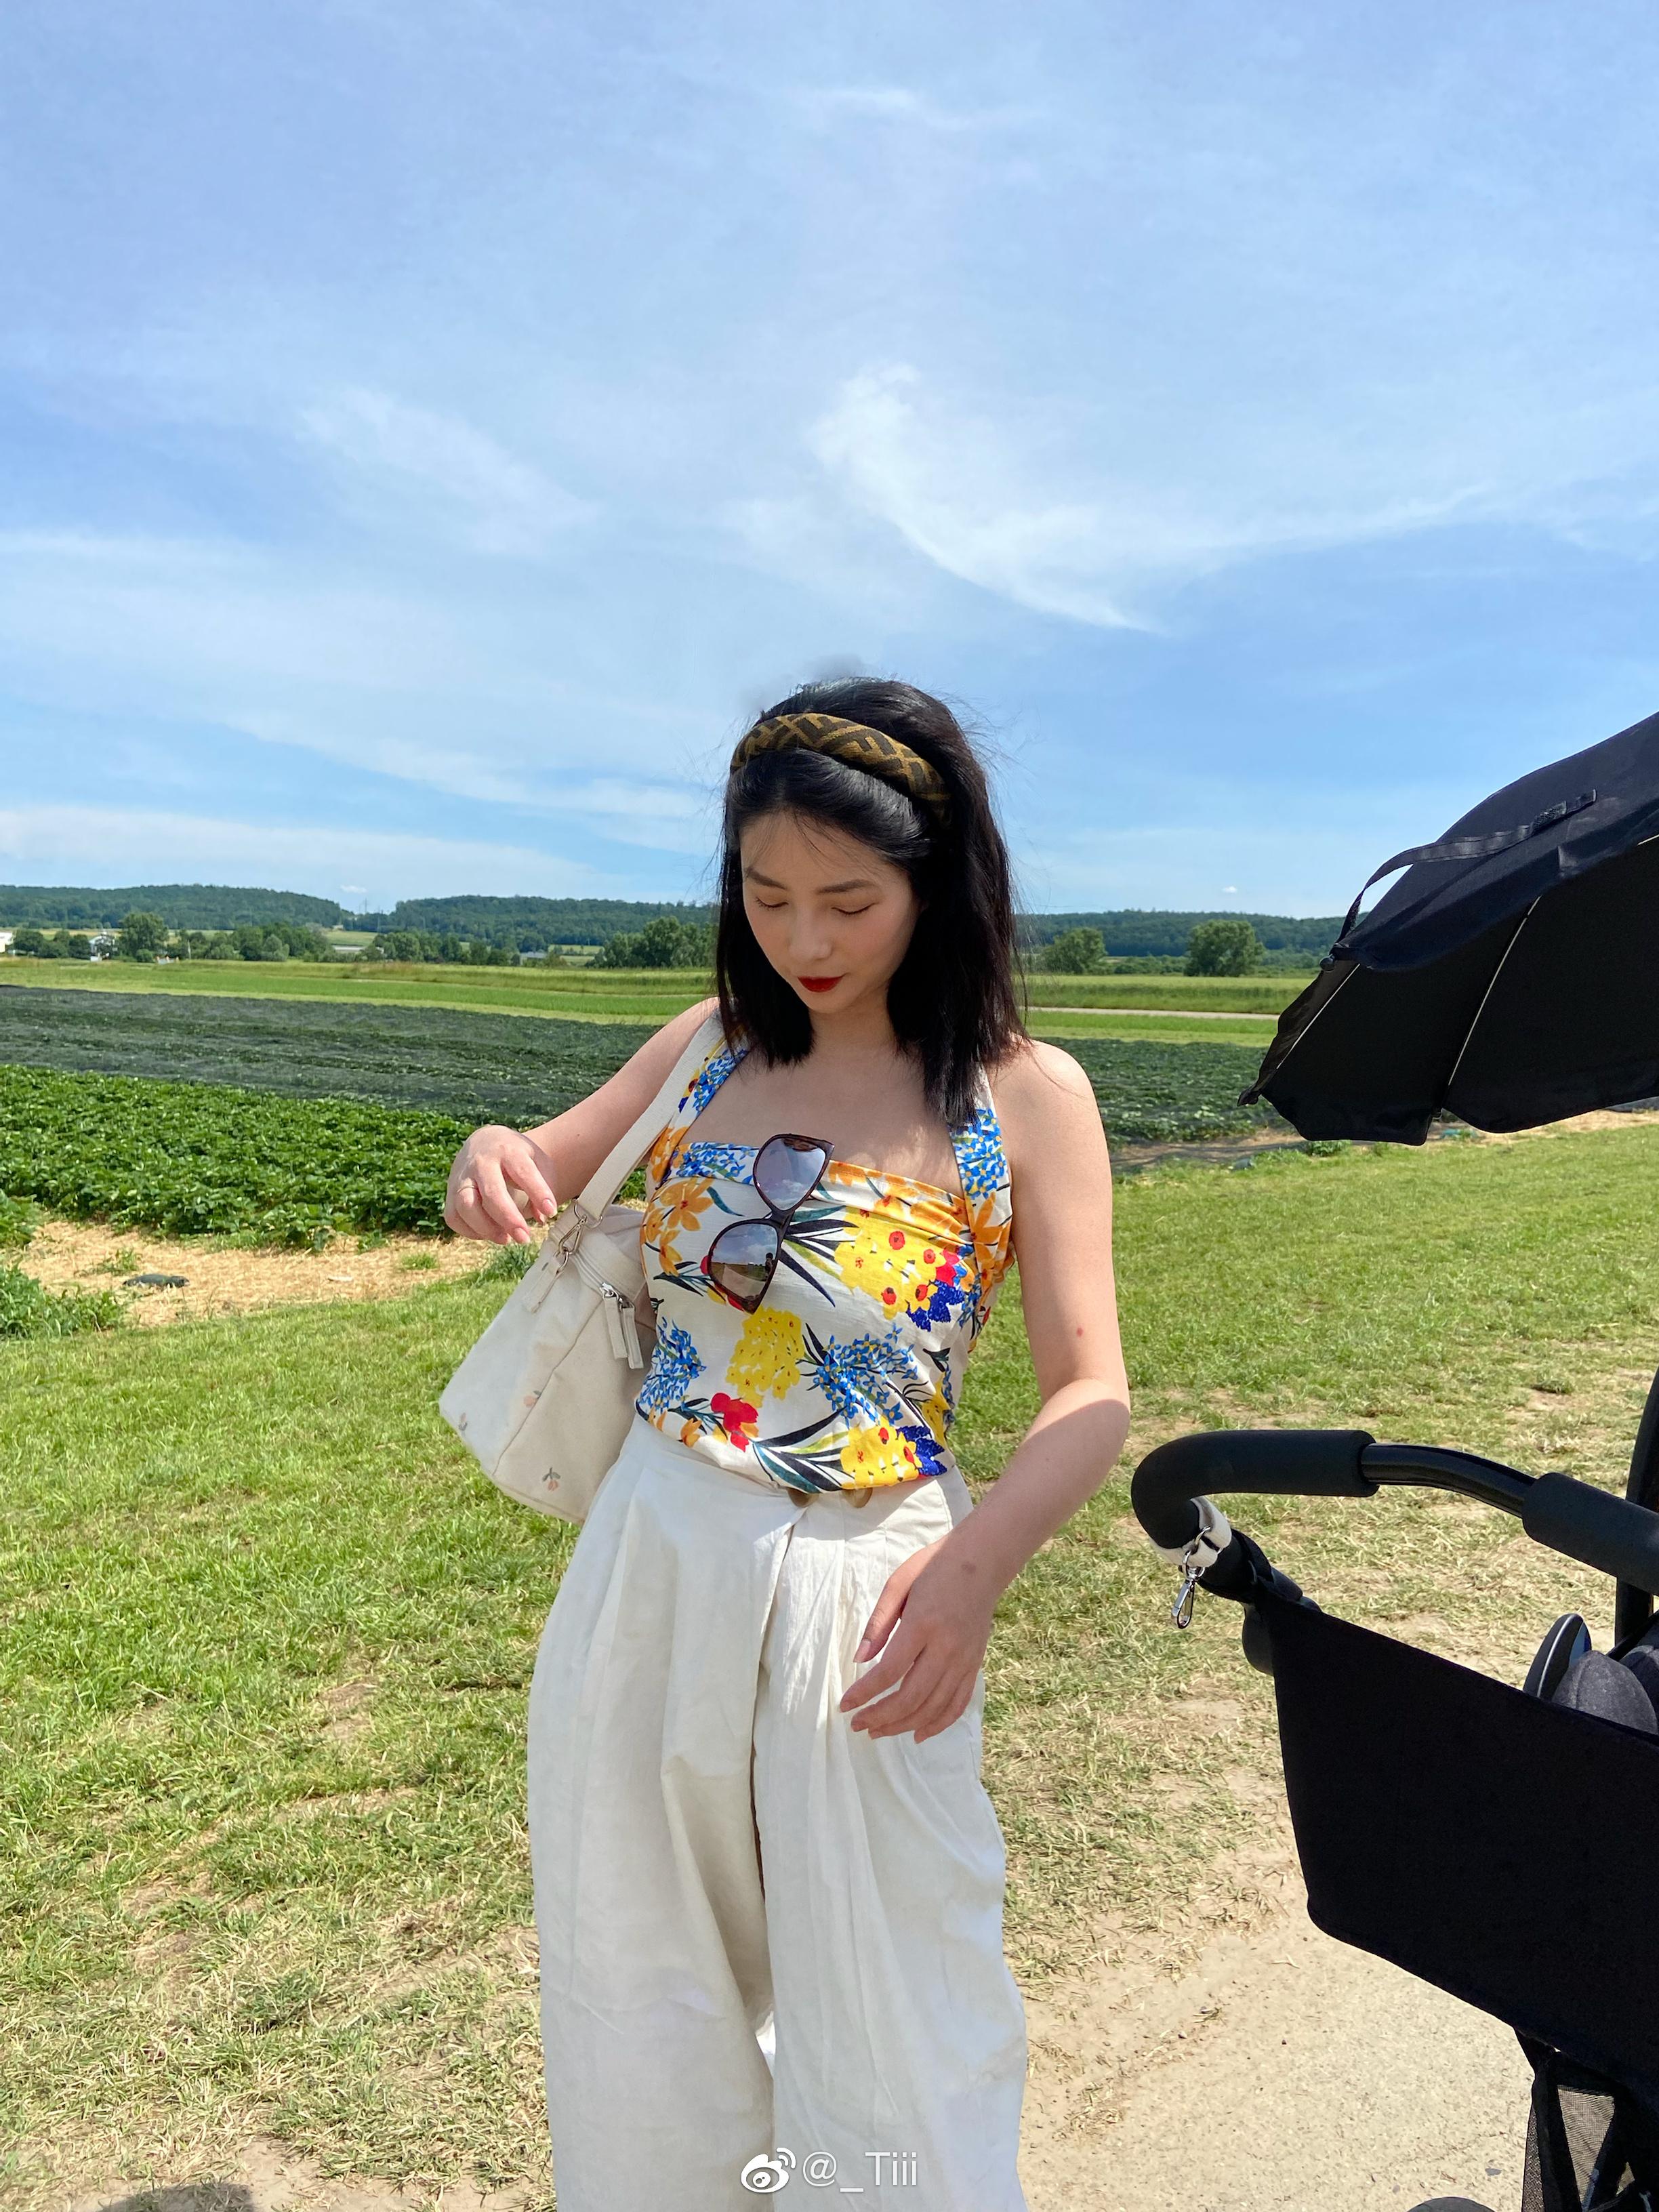 公主日记带小小球去摘草莓的周末美女